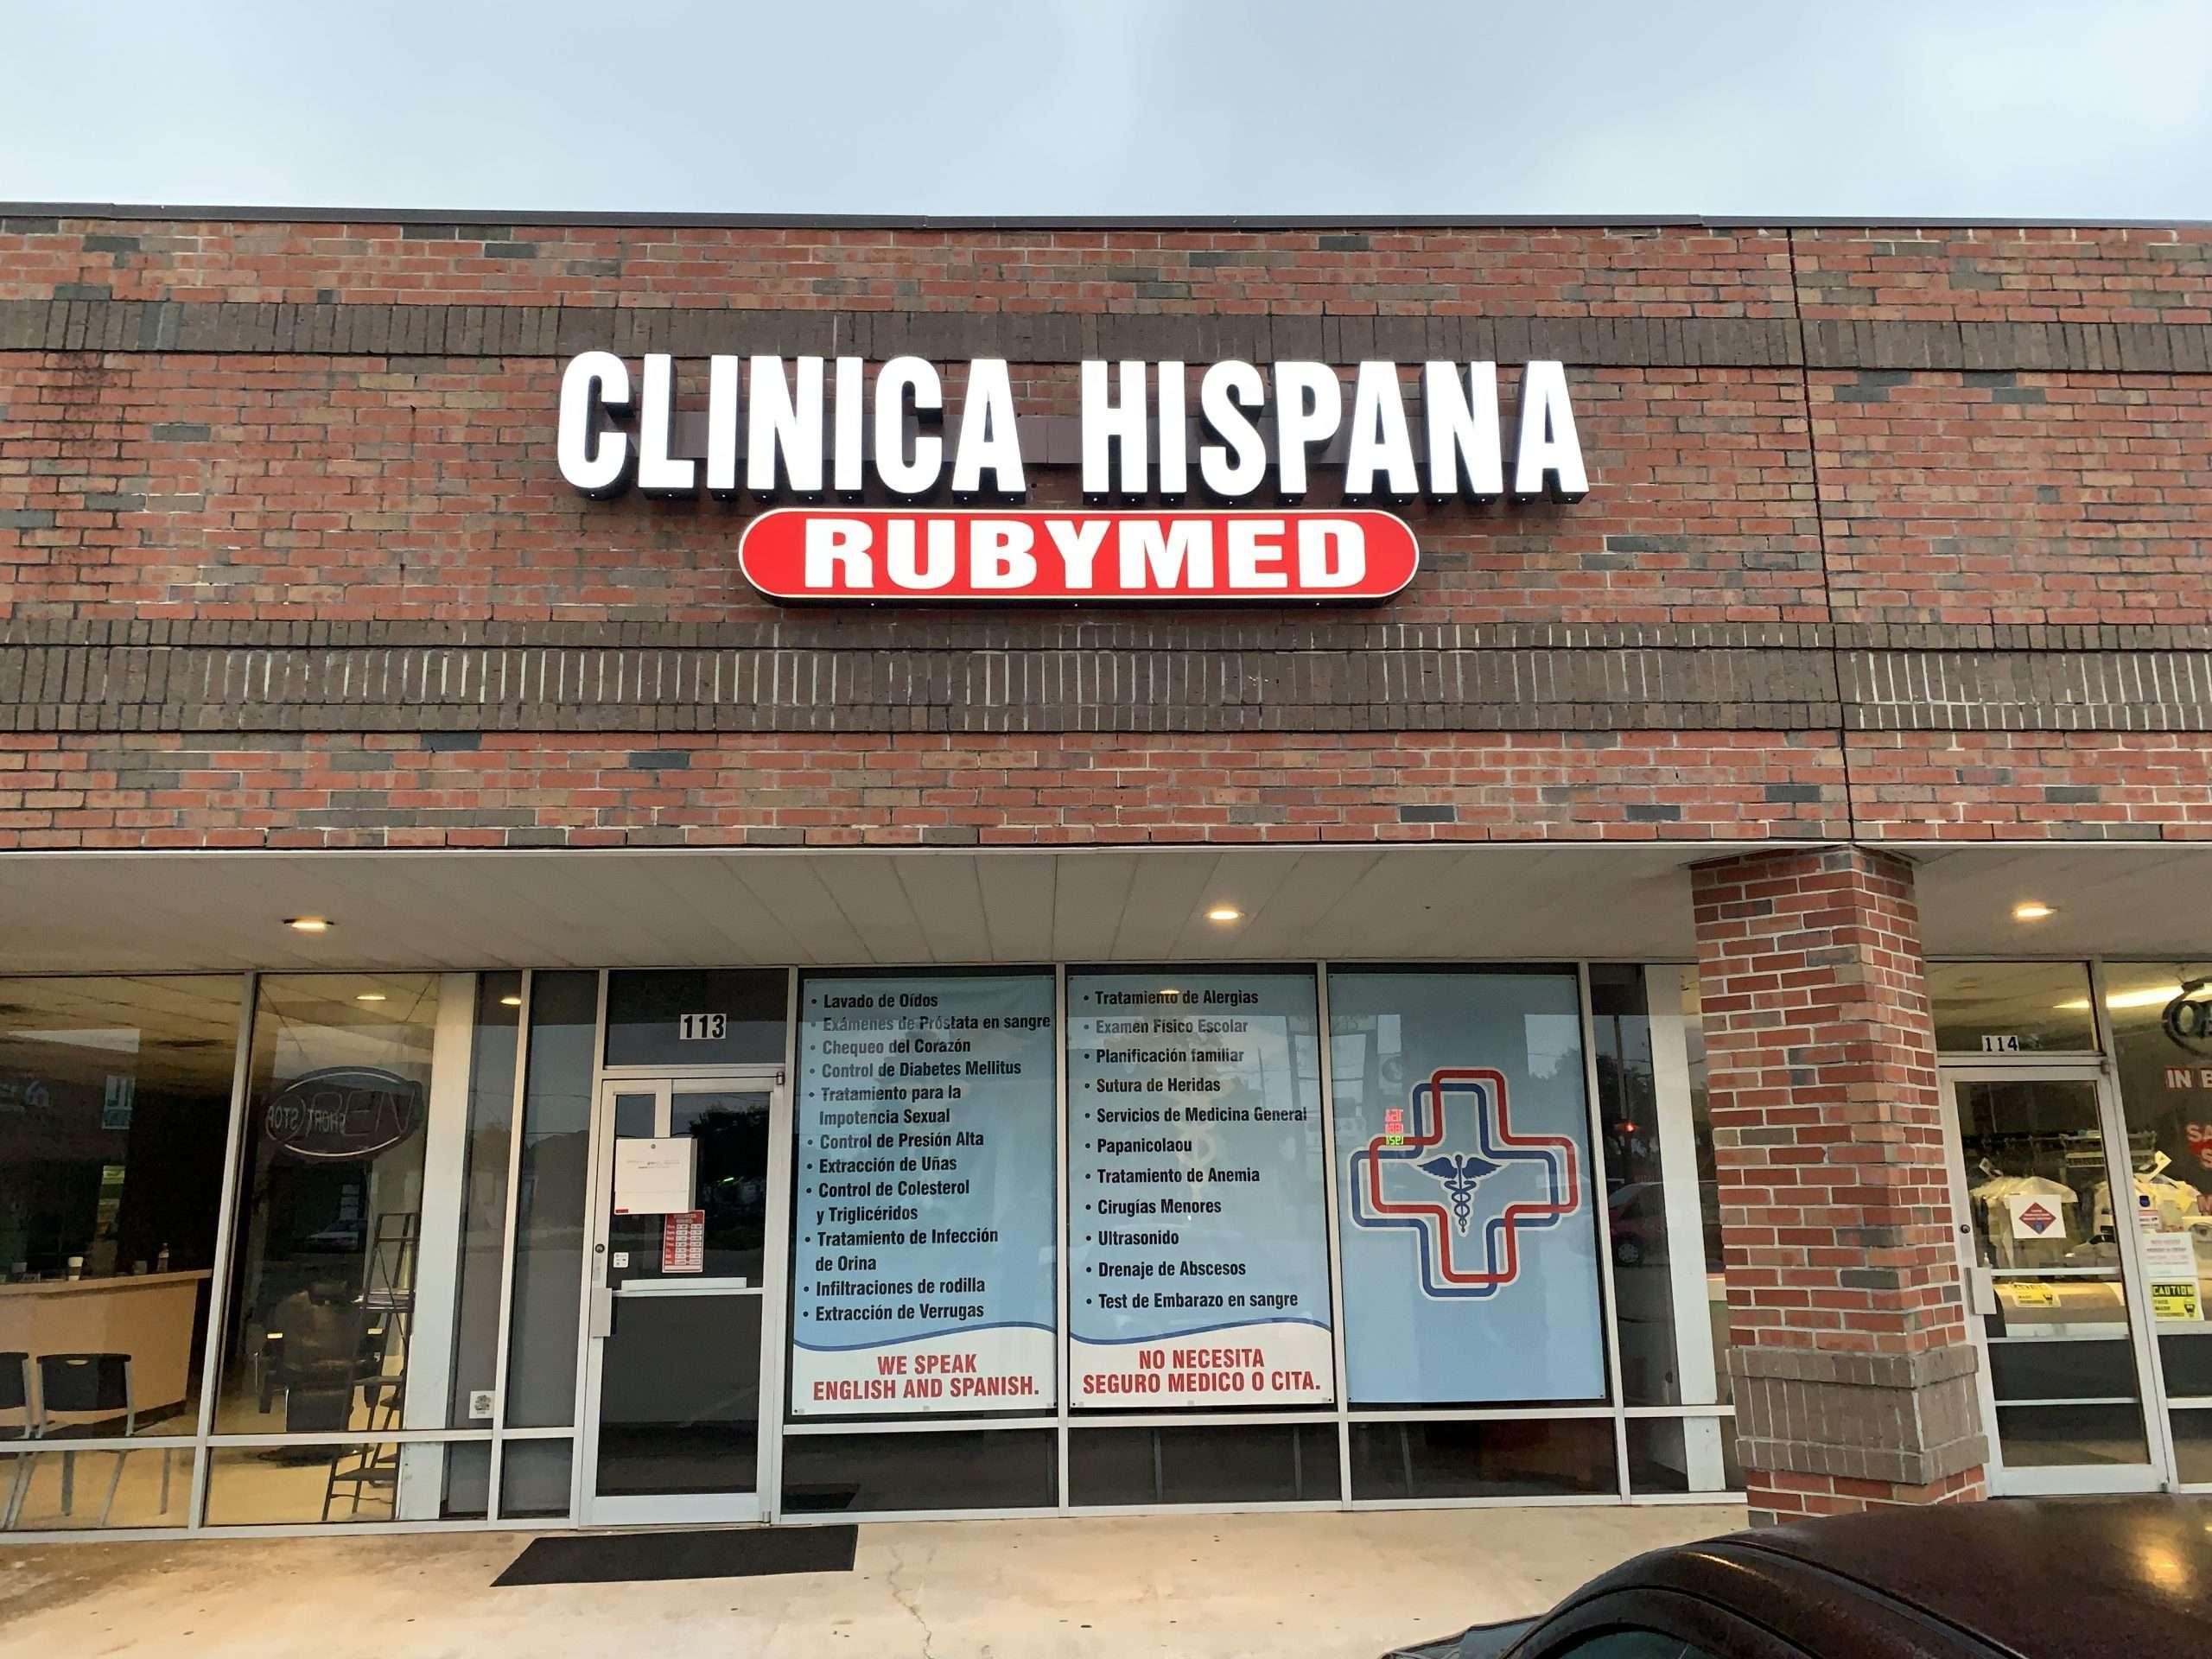 clinica medica hispana familiar katy scaled